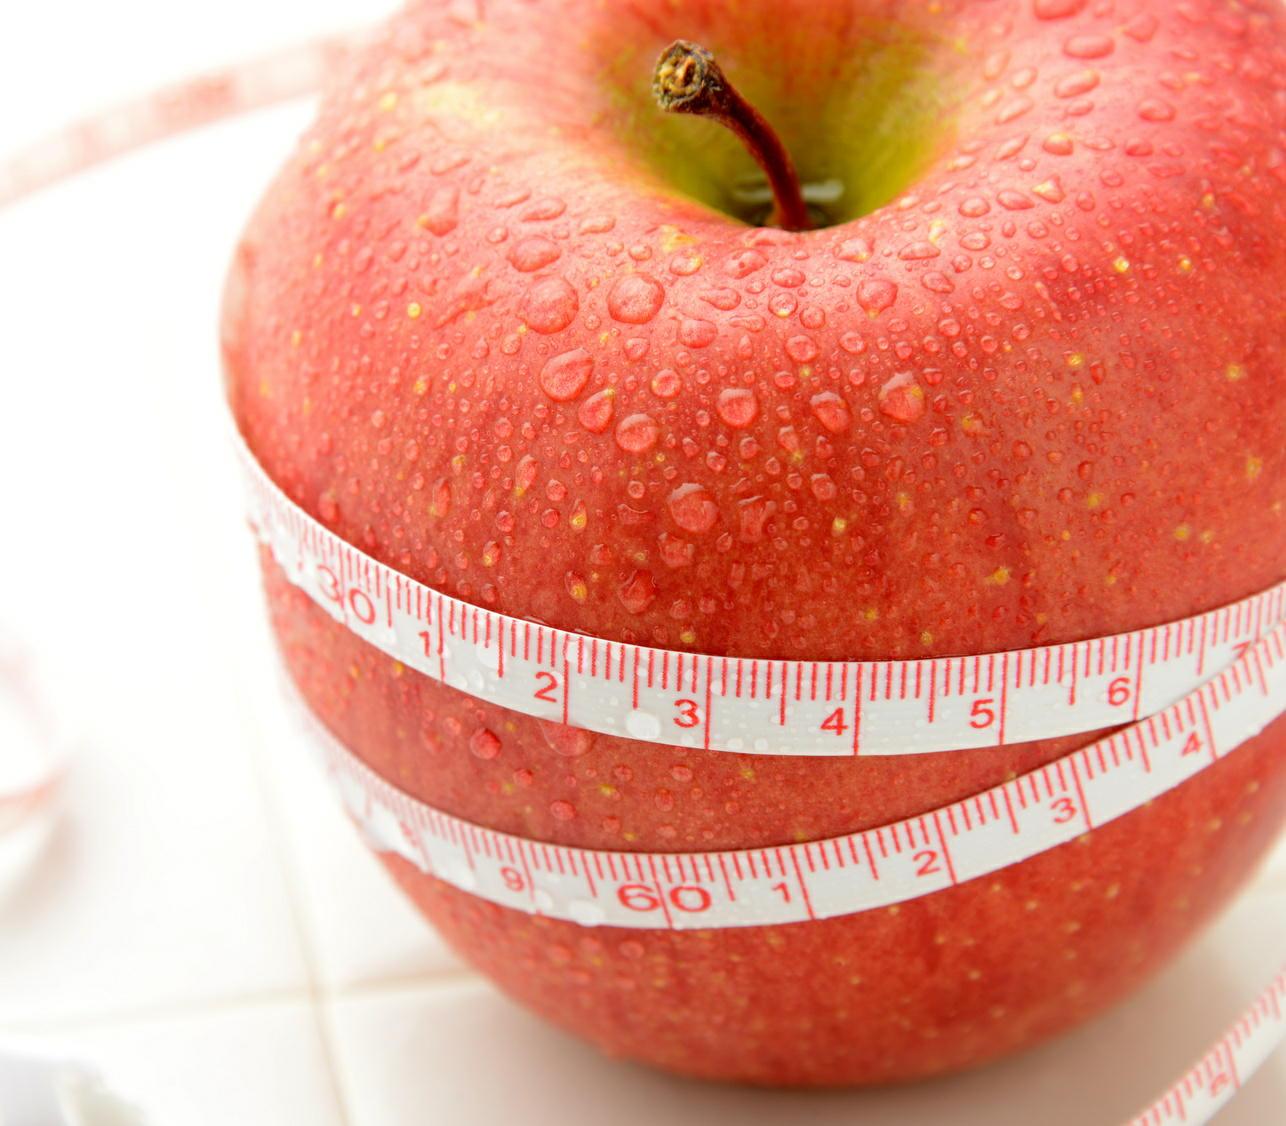 「リンゴ型肥満」はやはり怖い ゲノム検査で内臓脂肪リスクを予測